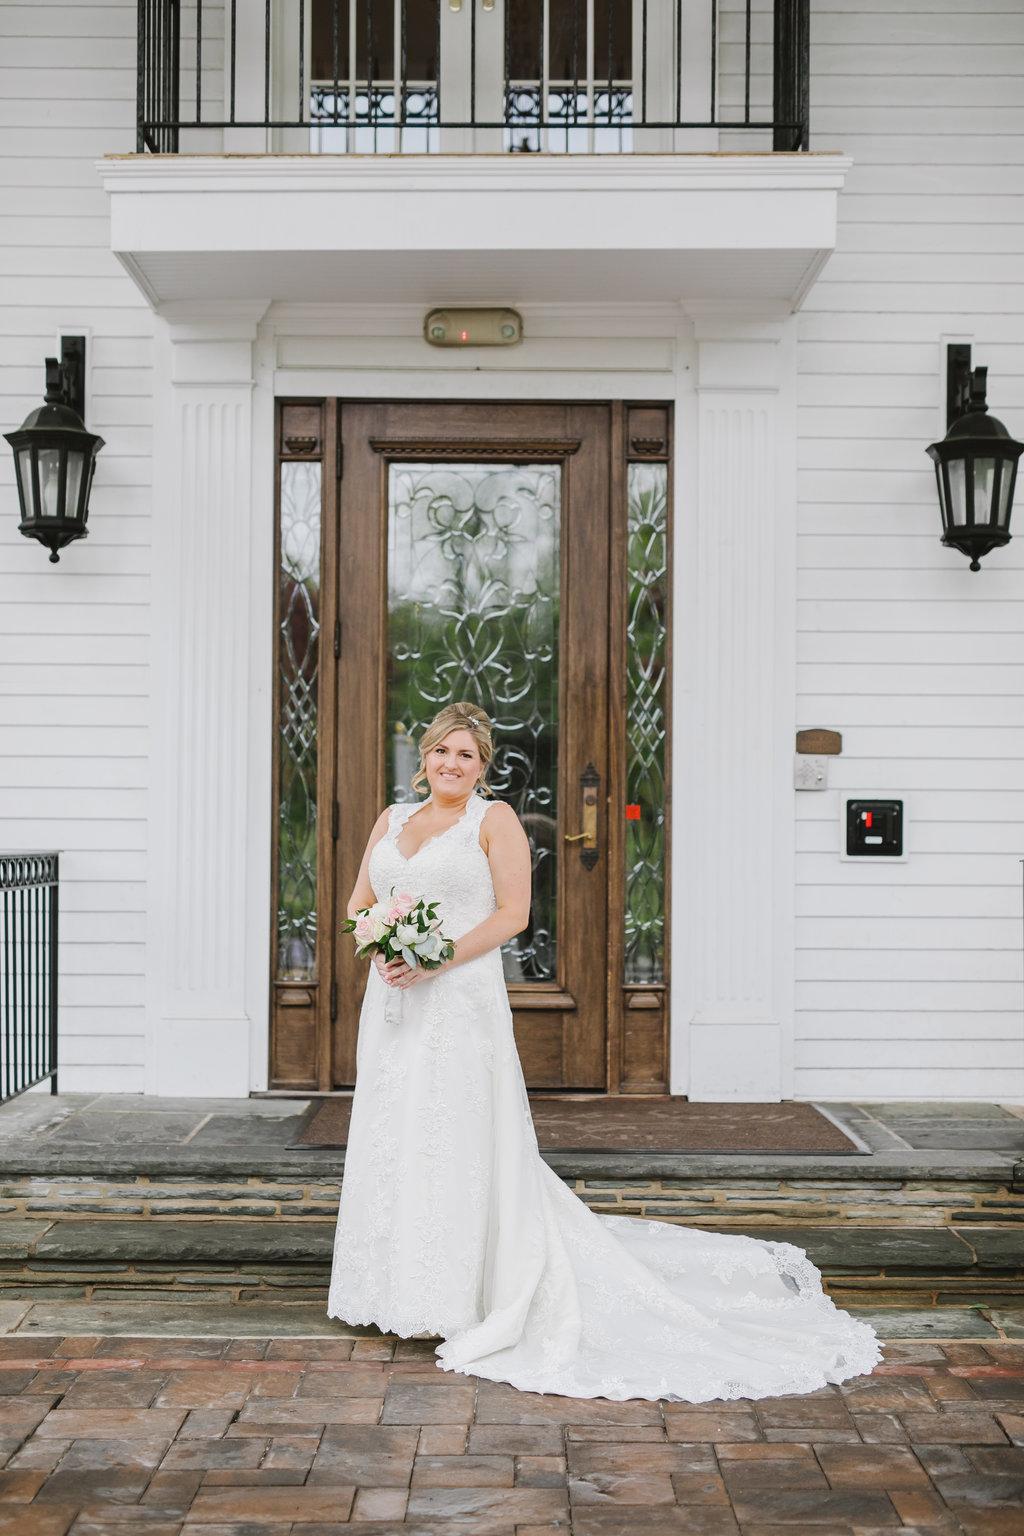 Melissa+MattWedding-EmilyTebbettsPhotography-113.jpg